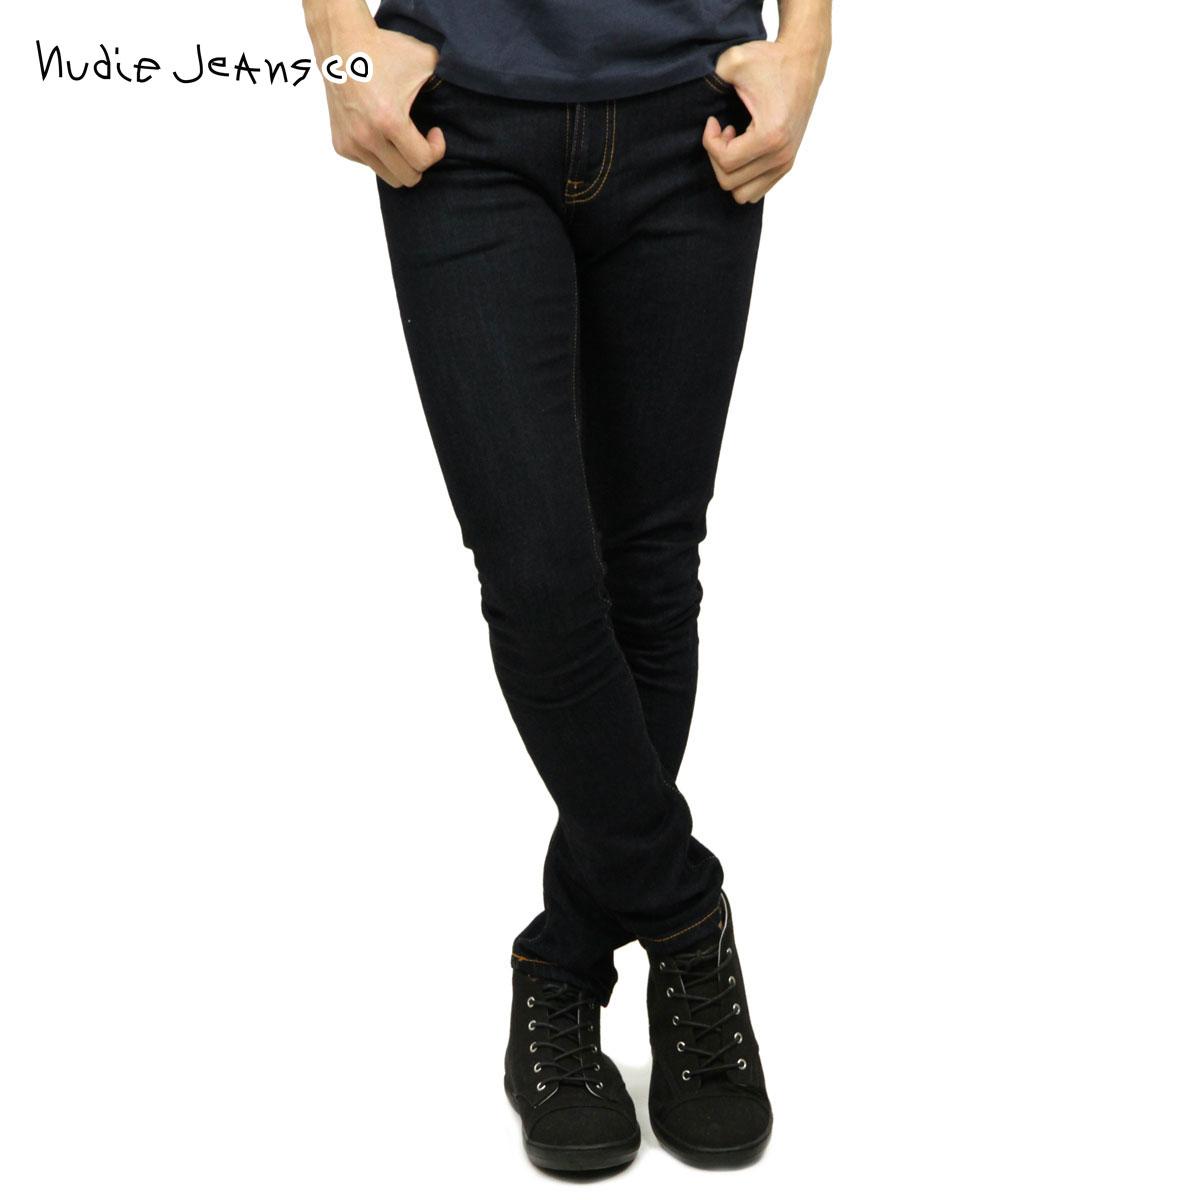 ヌーディージーンズ Nudie Jeans 正規販売店 メンズ ジーンズ スキニーリン SKINNY LIN JEANS DRY DEEP ORANGE 576 1120830